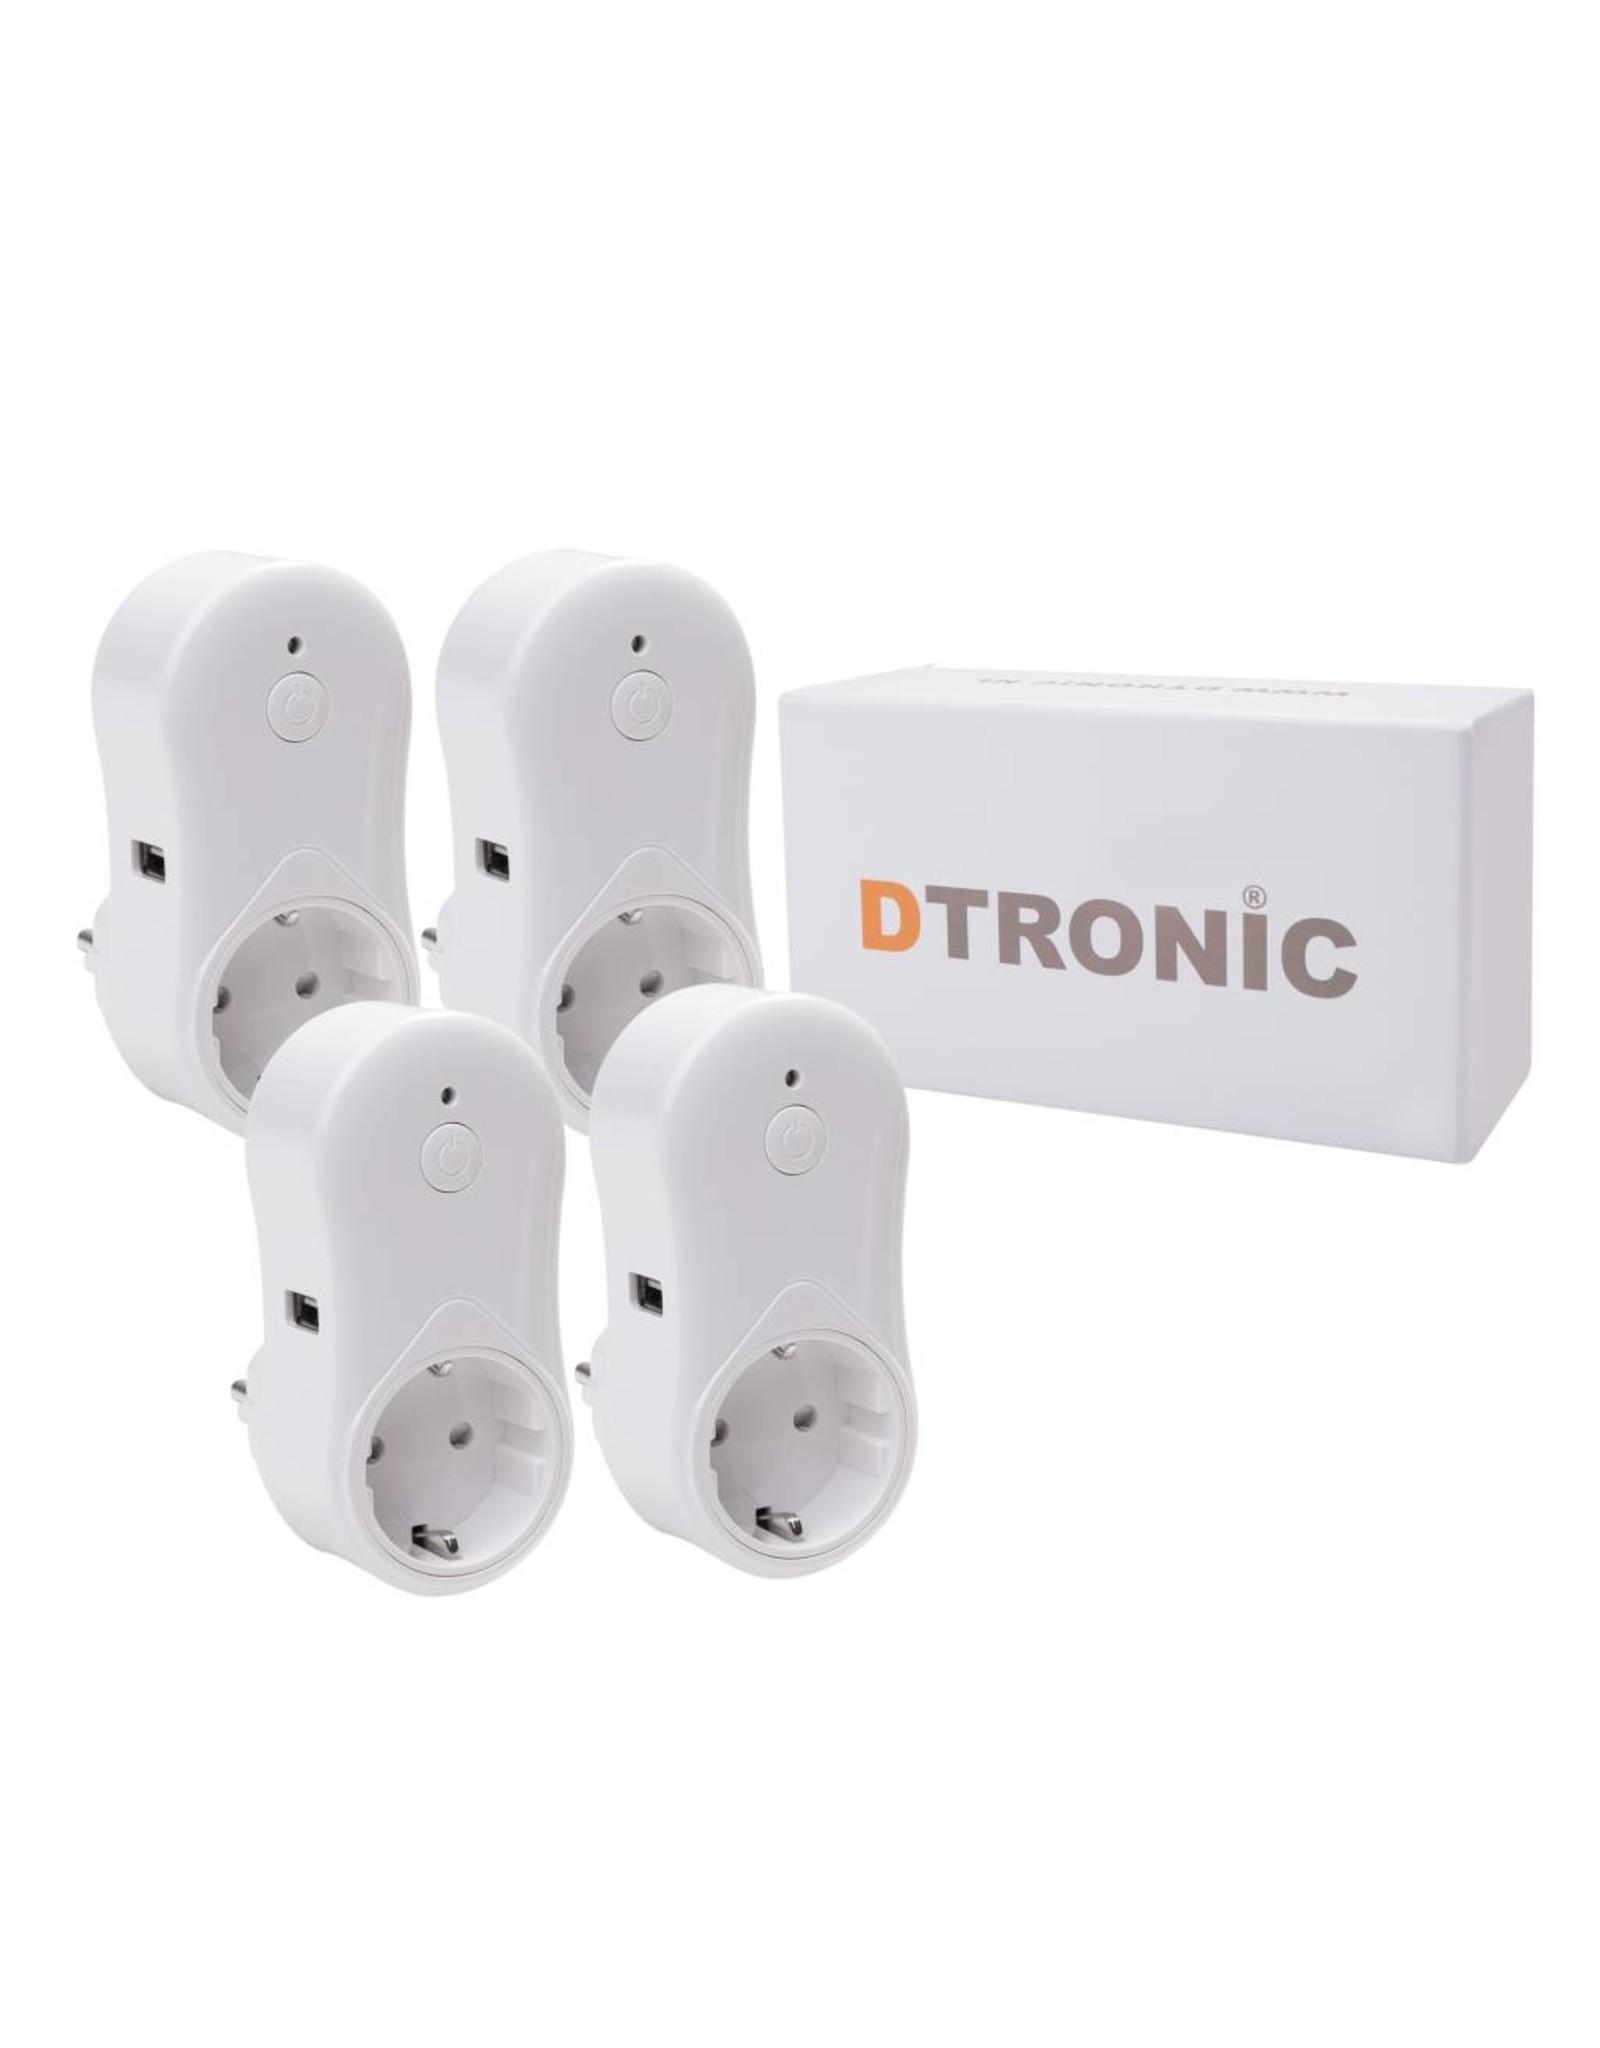 DTRONIC DTRONIC - S126 - 4st.